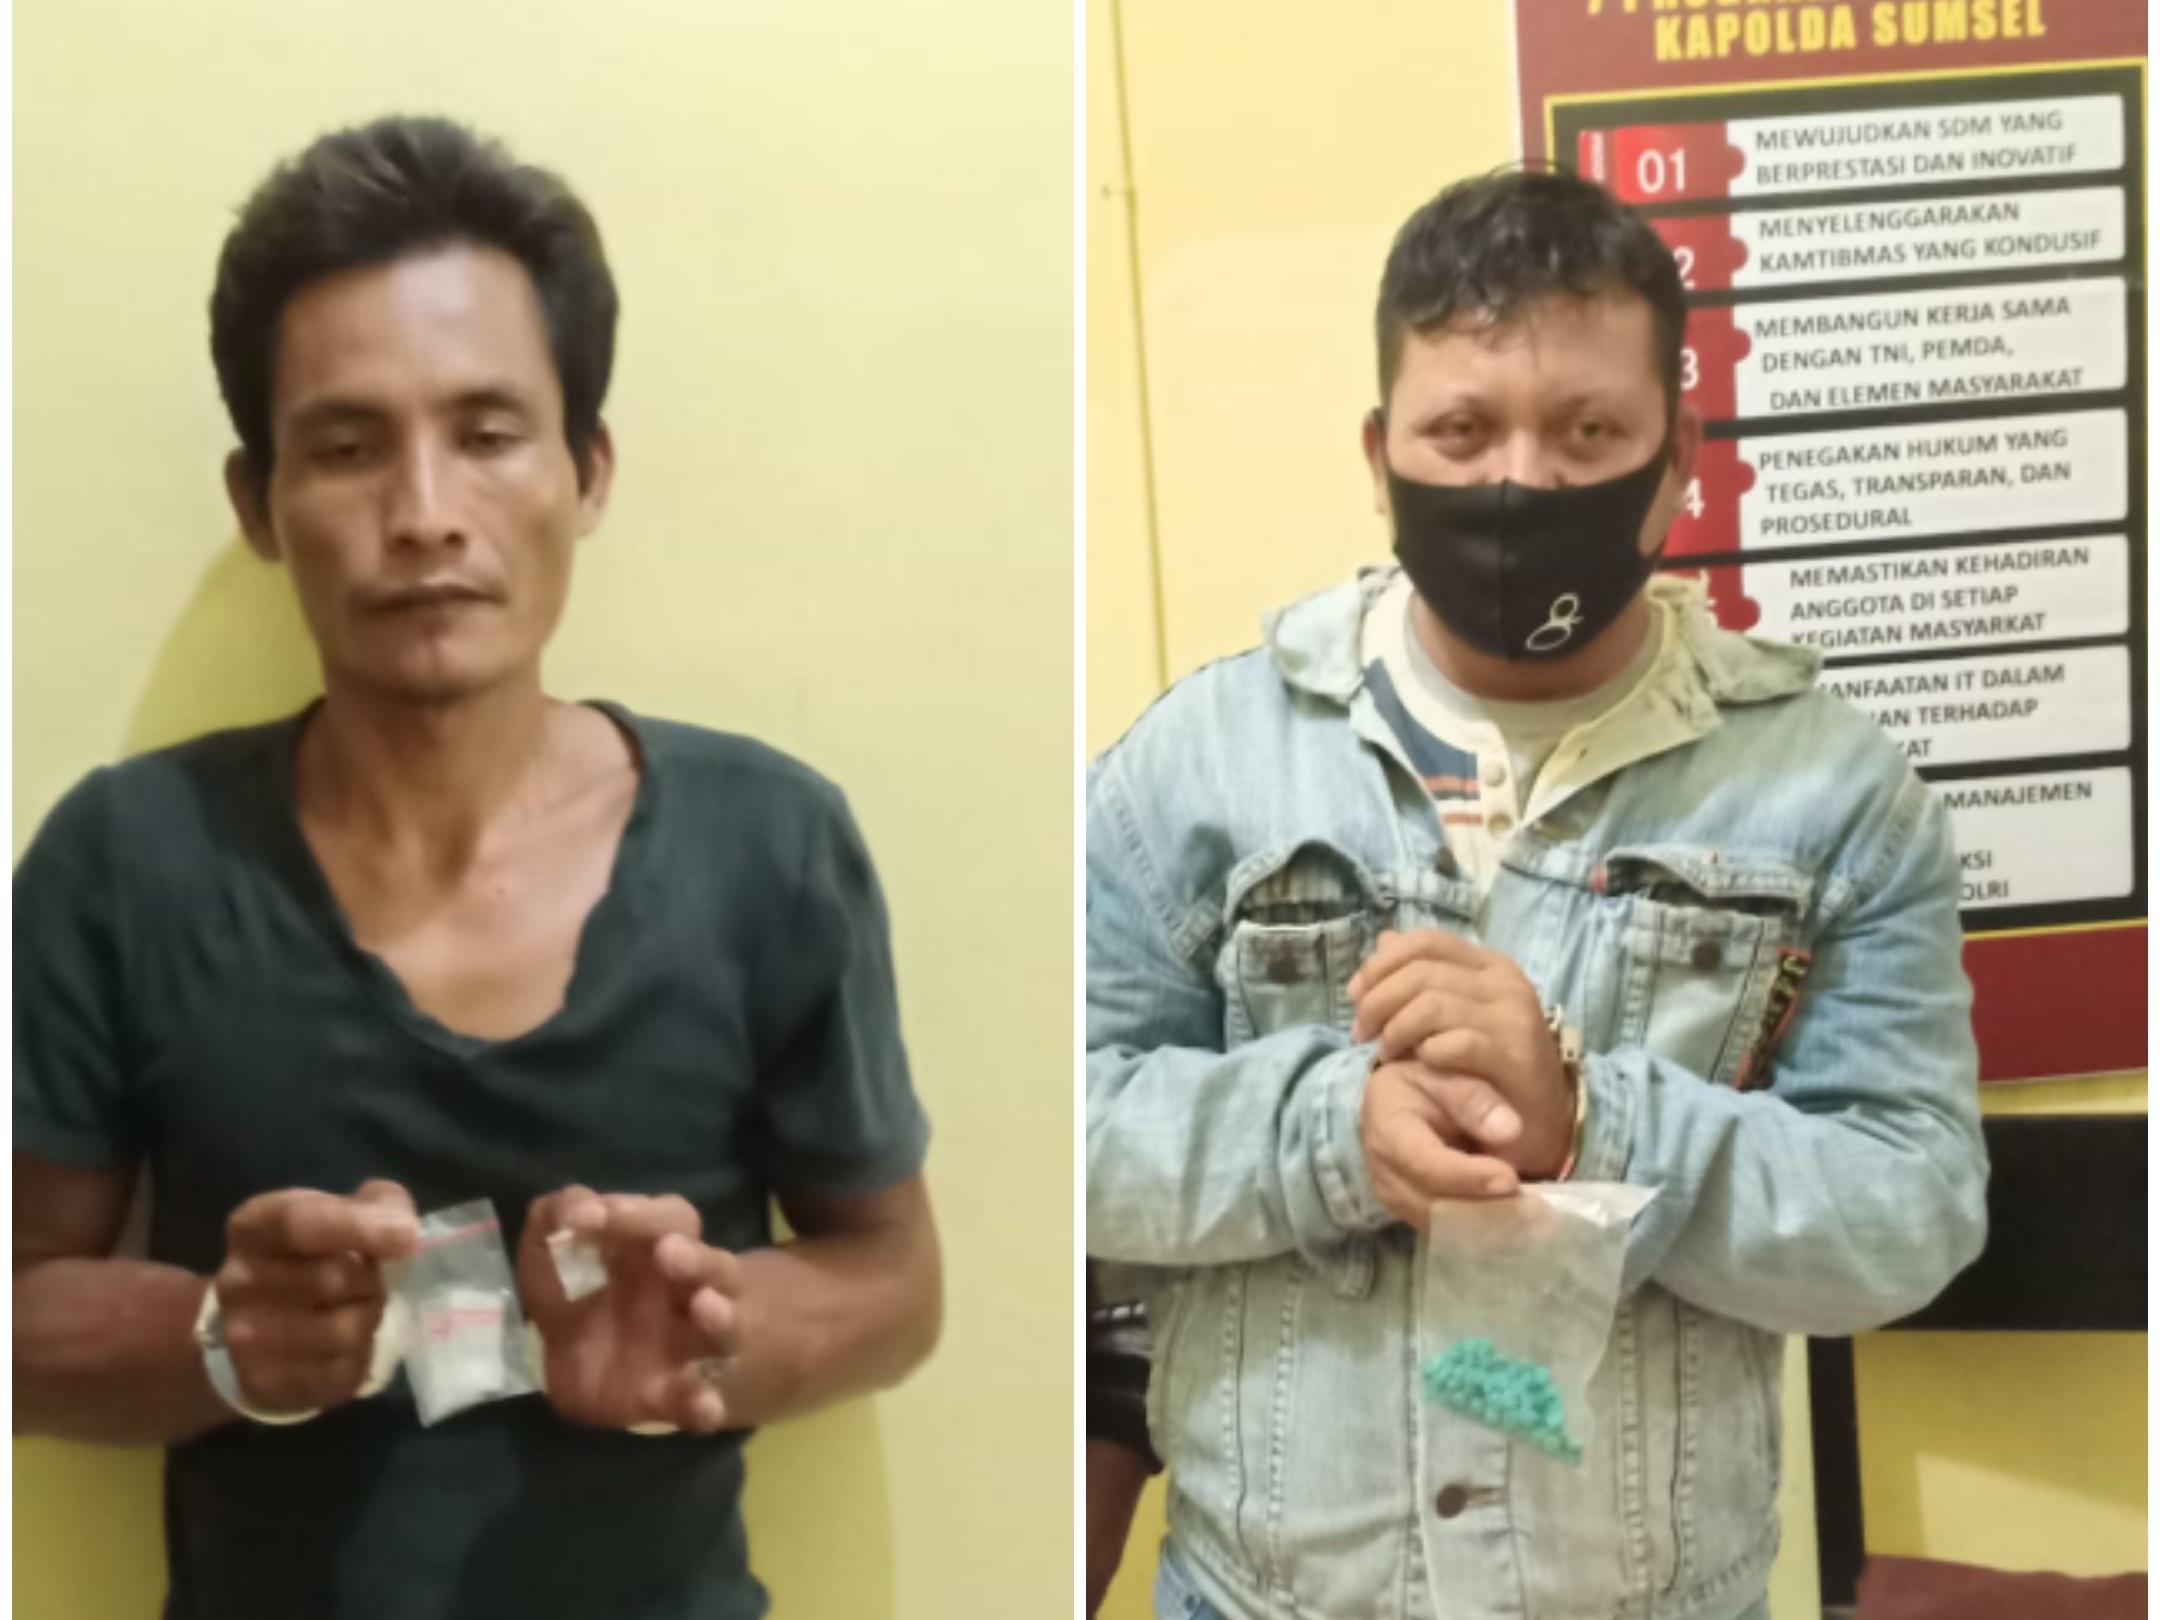 Polisi Tangkap 2 Tersangka di Tugumulyo, Amankan 100 Butir Ekstasi